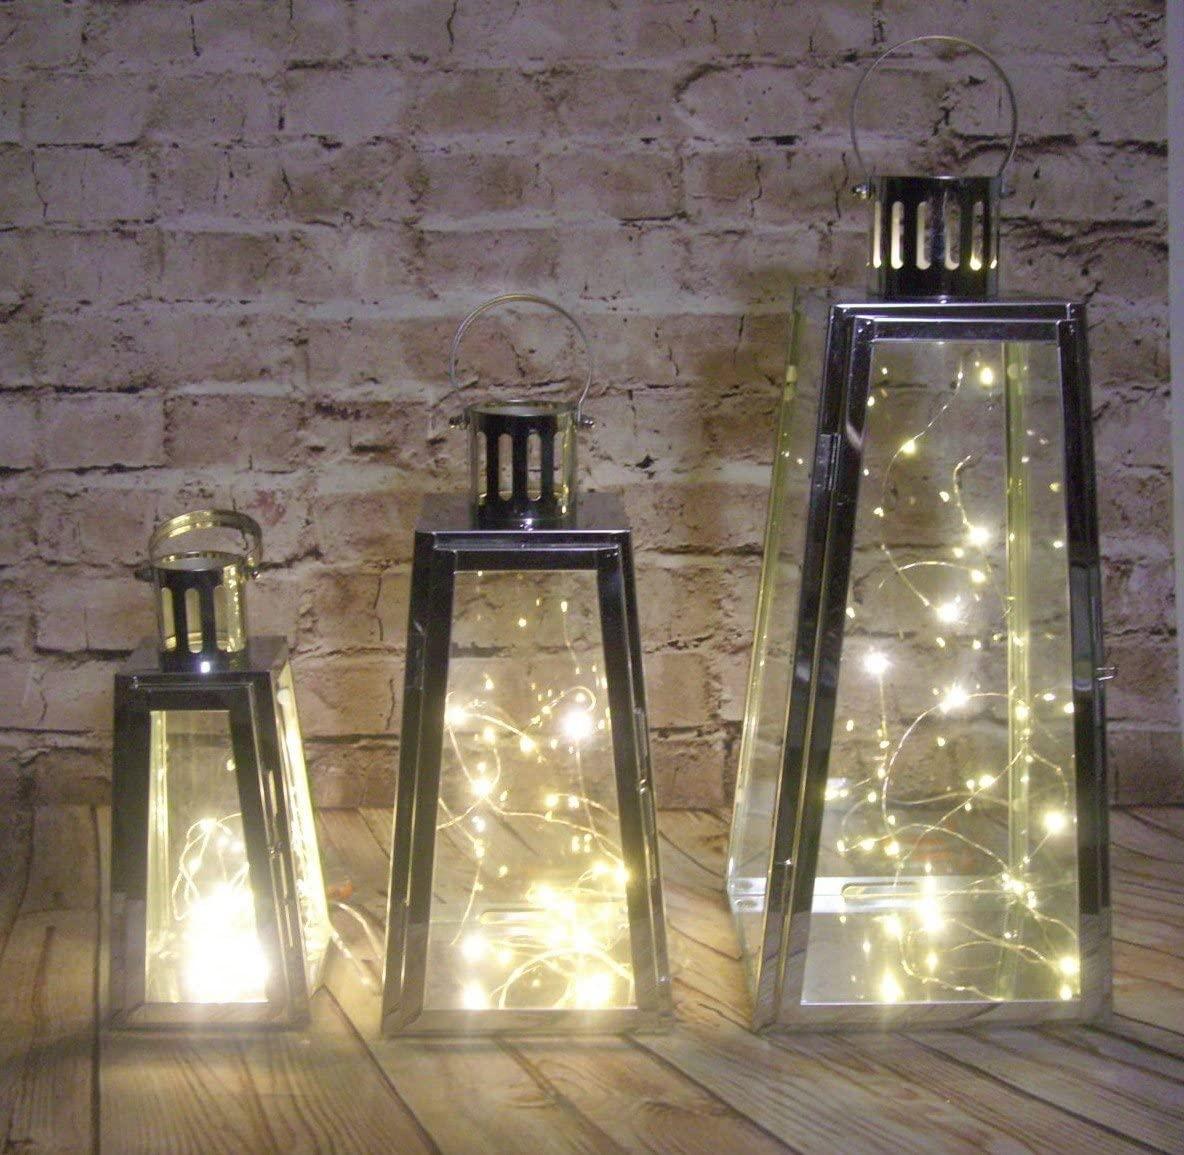 3 lanterns